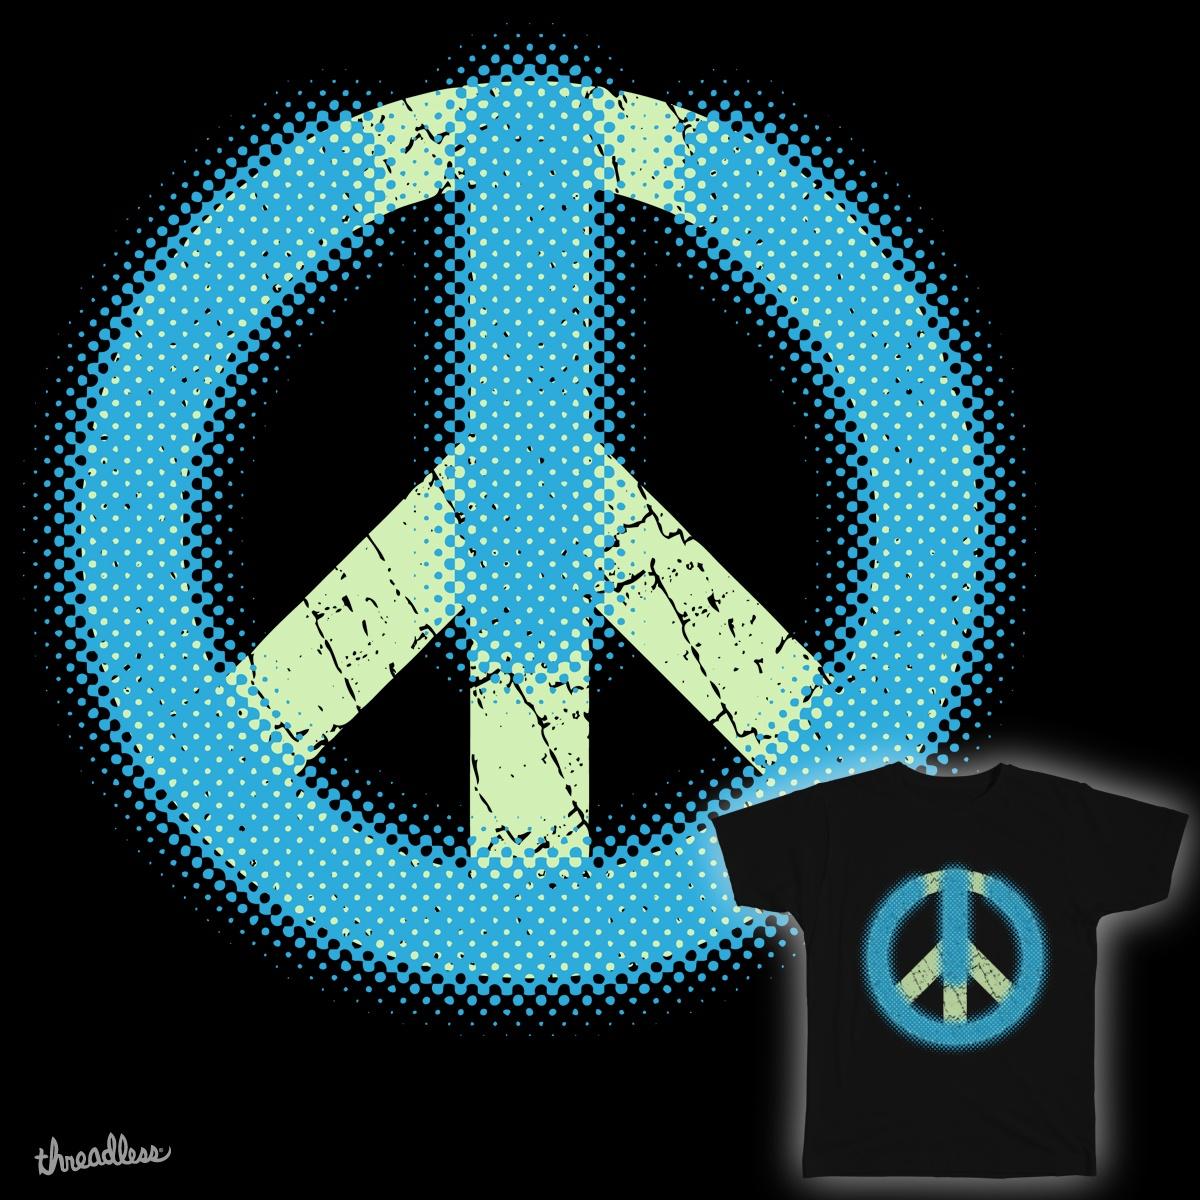 PEACE OFF/ON by shadedash on Threadless